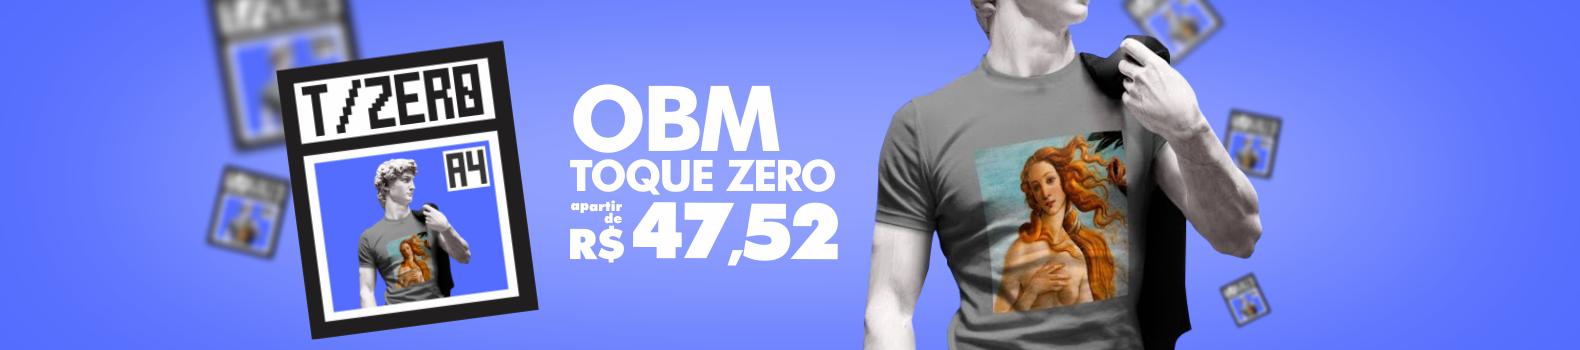 OBM Toque Zero